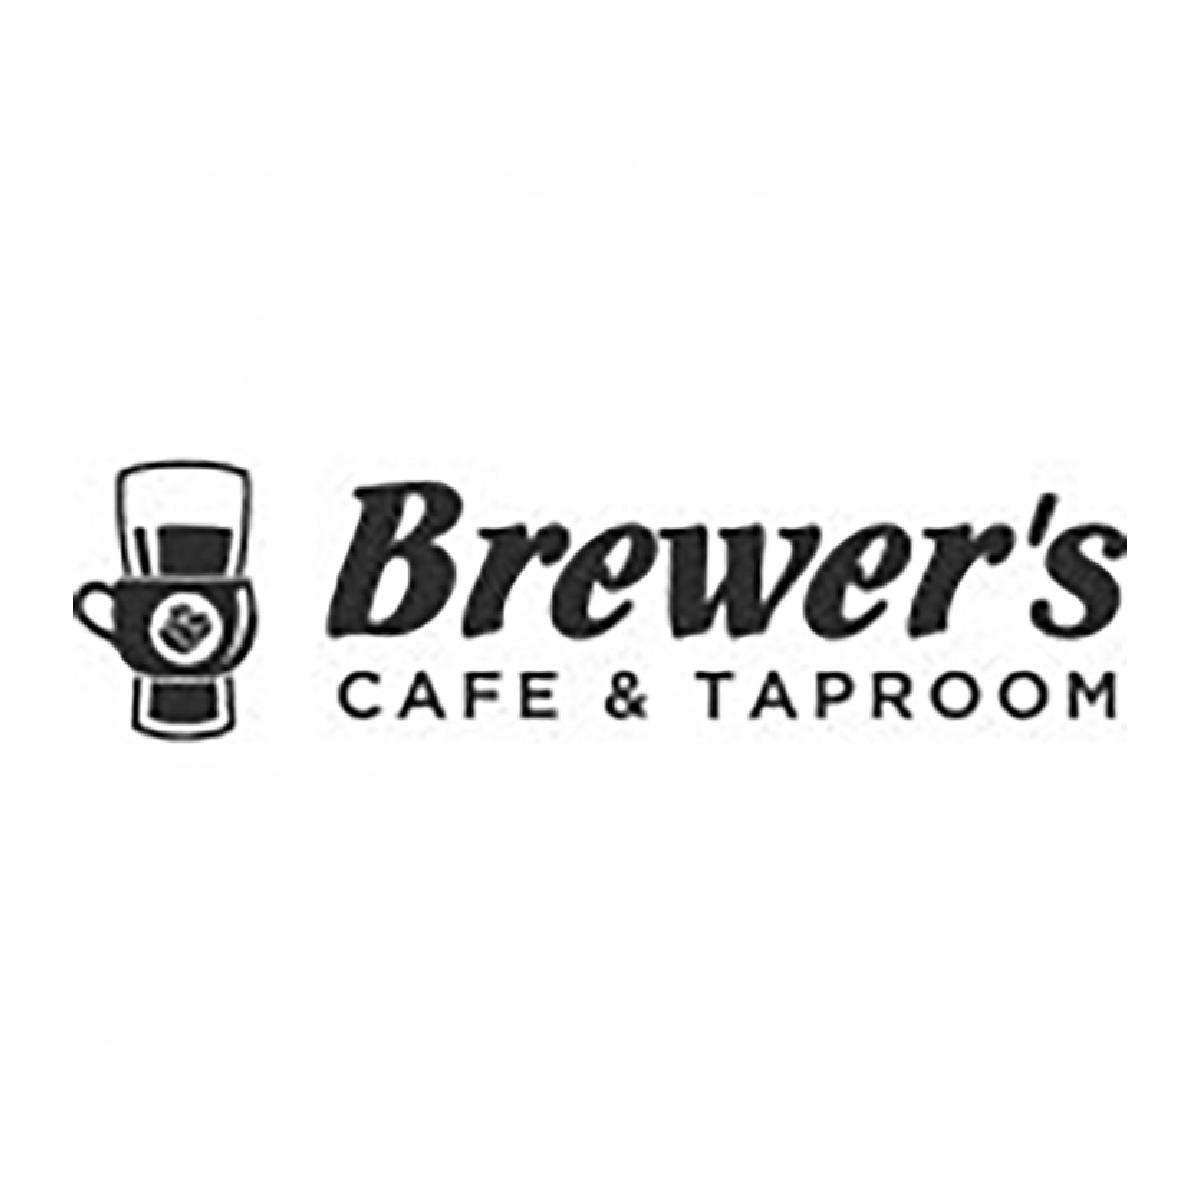 BrewsCafeandTaproom_Logo.png